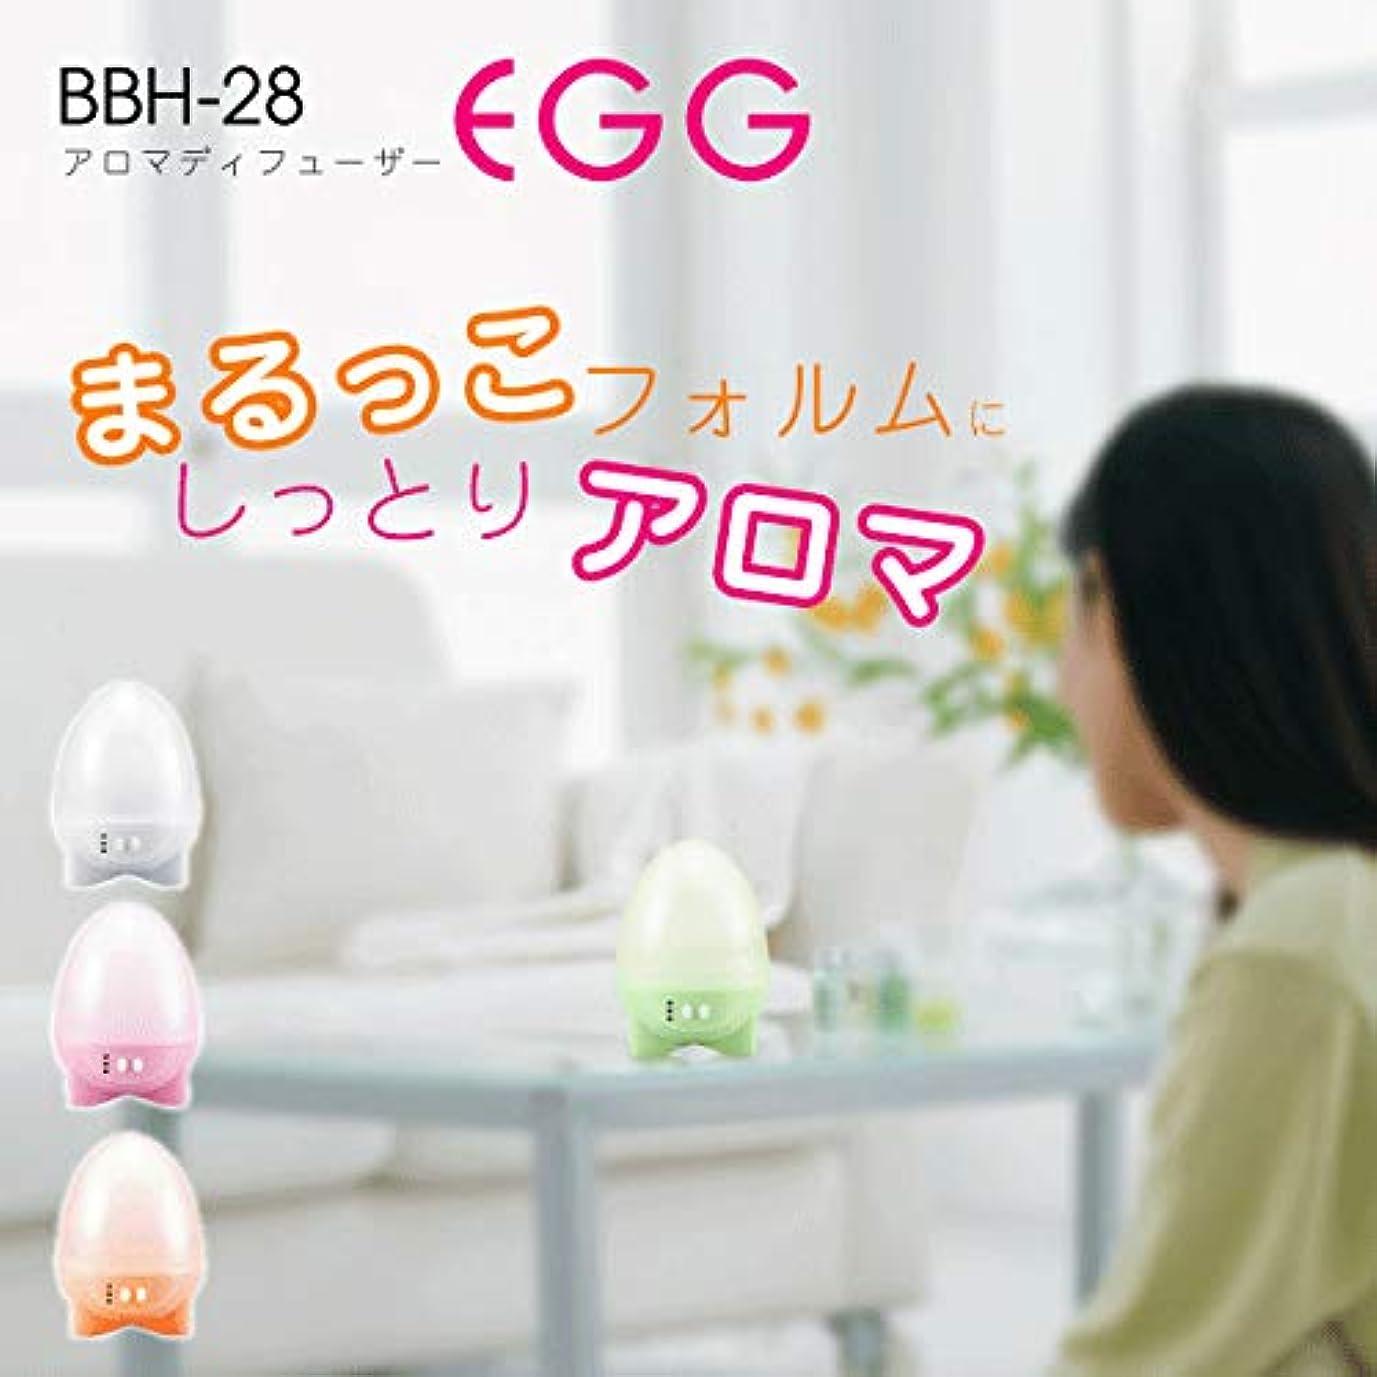 植物学者感覚過言PRISMATE(プリズメイト)アロマディフューザー Egg BBH-28 [在庫有]